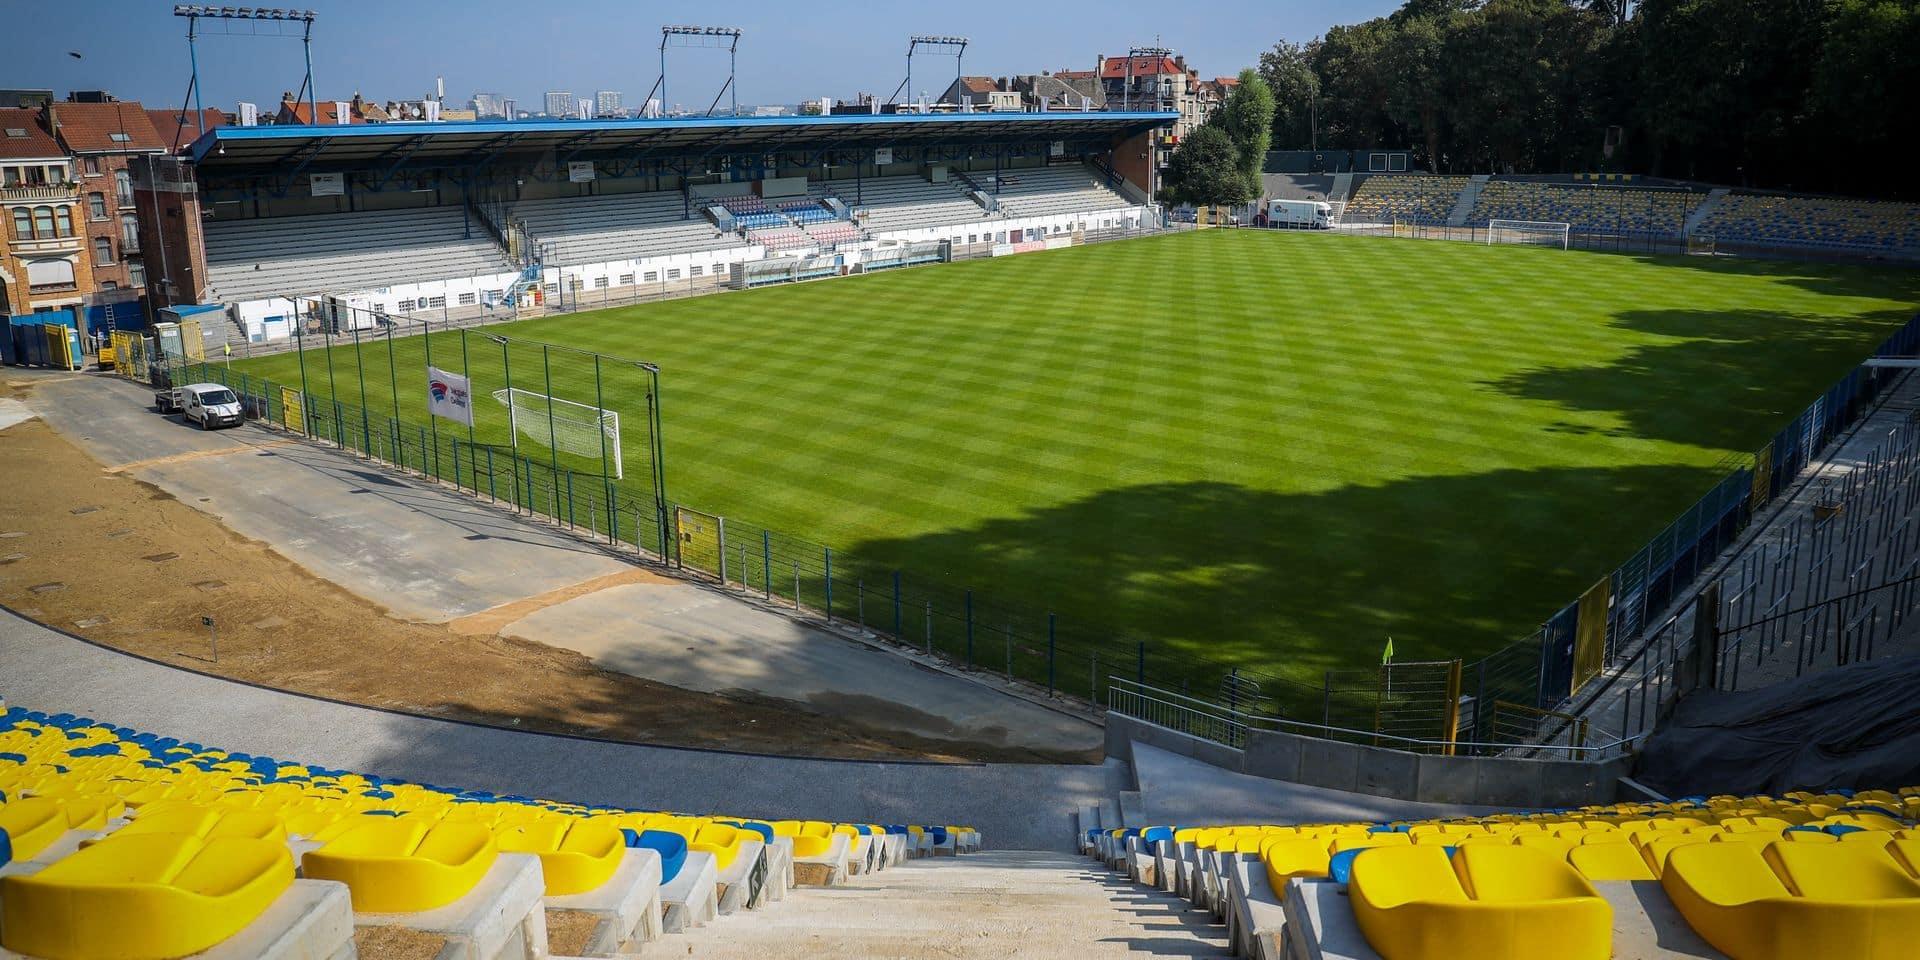 L'Union entame ses travaux d'aménagement pour la D1A et devrait jouer à Malines son dernier match de la saison